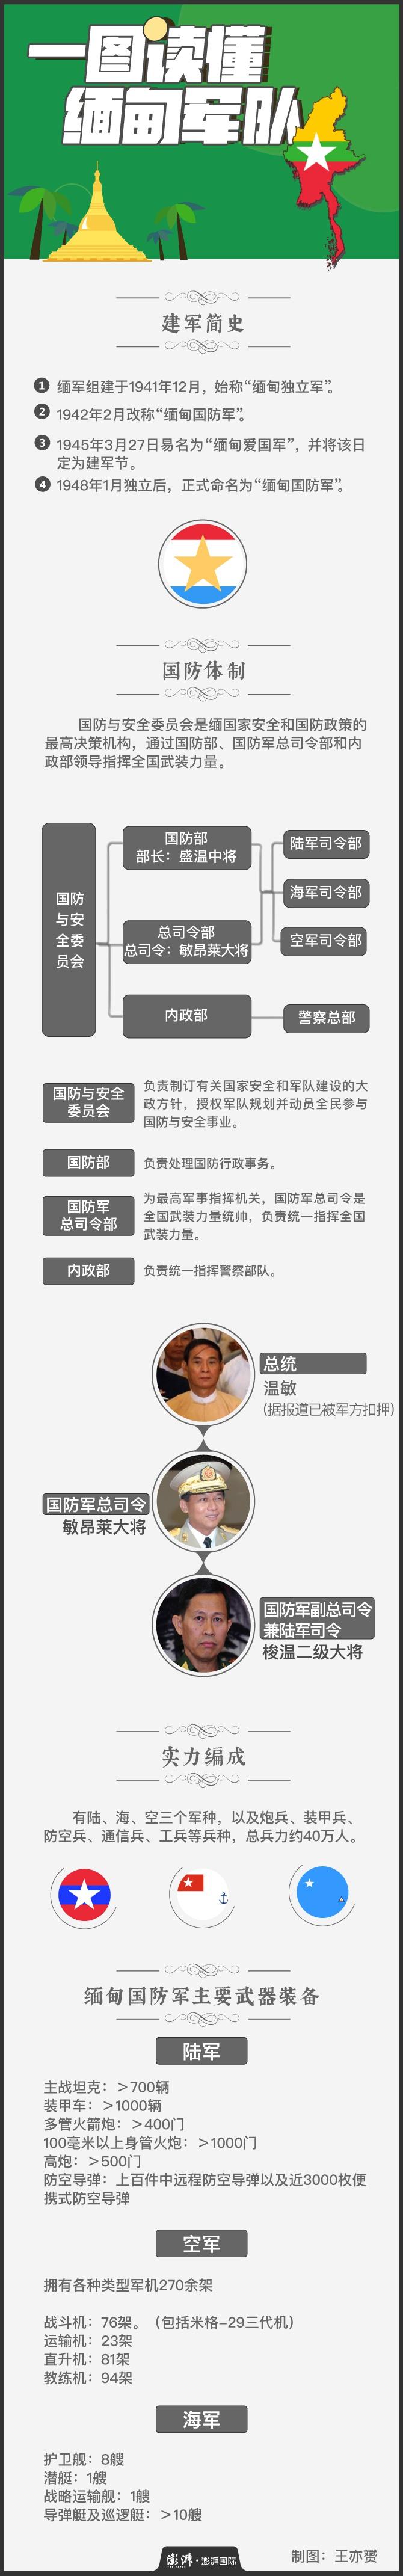 """一张图看懂""""接管政权""""的缅甸国防军"""